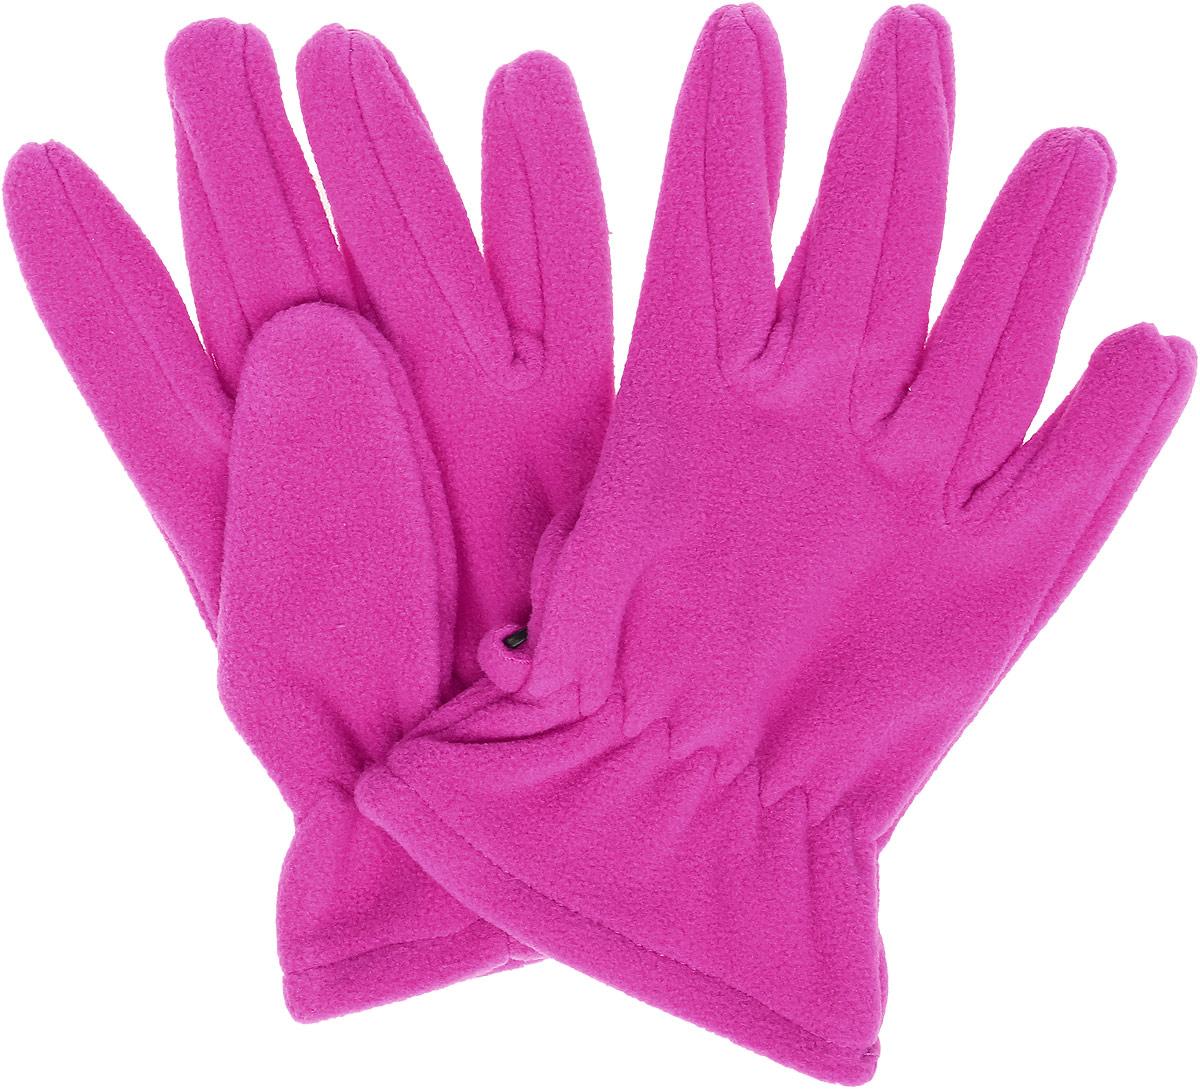 Перчатки для девочки Scool, цвет: розовый. 374080. Размер 18374080Перчатки Scool из теплого флиса - отличное решение для прогулок в холодную погоды. Запястья модели с резинкой для дополнительного сохранения тепла. Перчатки дополнены специальными крючками, при необходимости их можно скрепить между собой или пристегнуть к куртке.